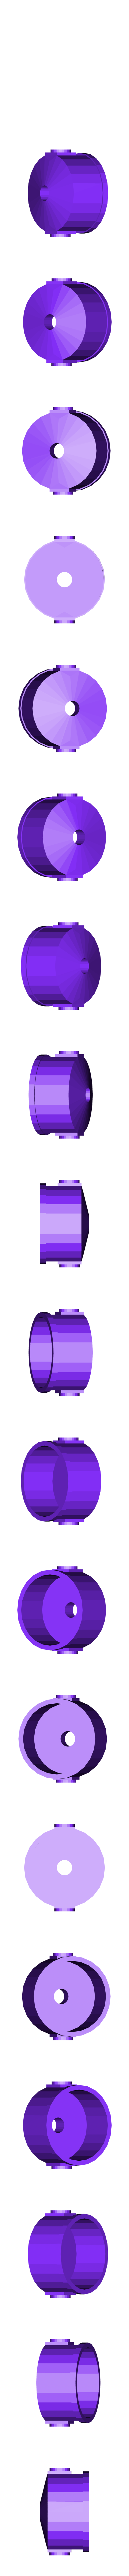 reflektor3.stl Download STL file MONAKO RC MODEL BOAT TUG • 3D printable template, maca-artwork